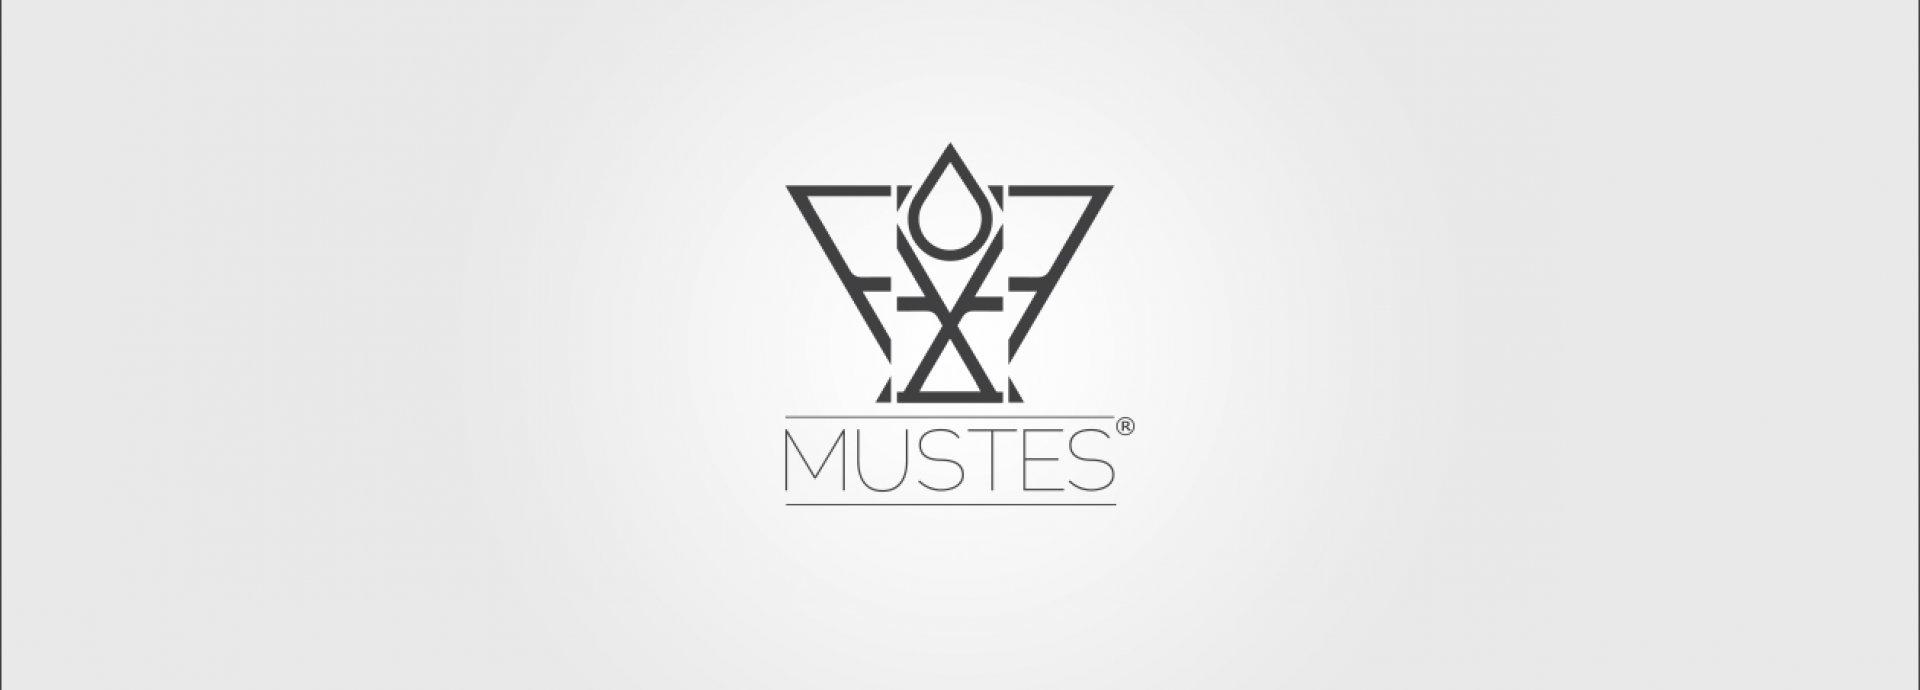 Mustes